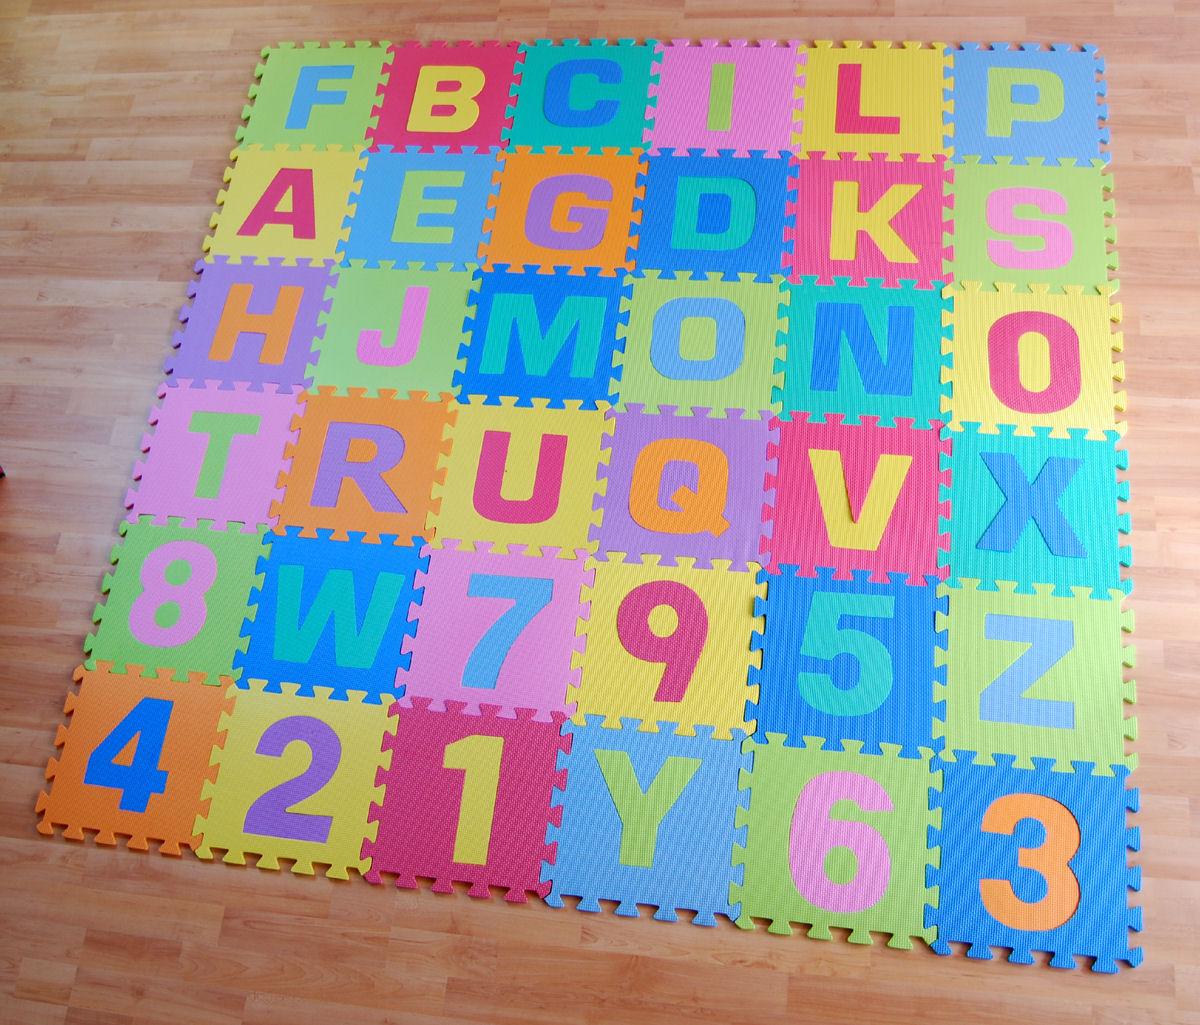 Juego y aprendizaje escolar algunos juegos para jugar y - Alfombra habitacion nino ...